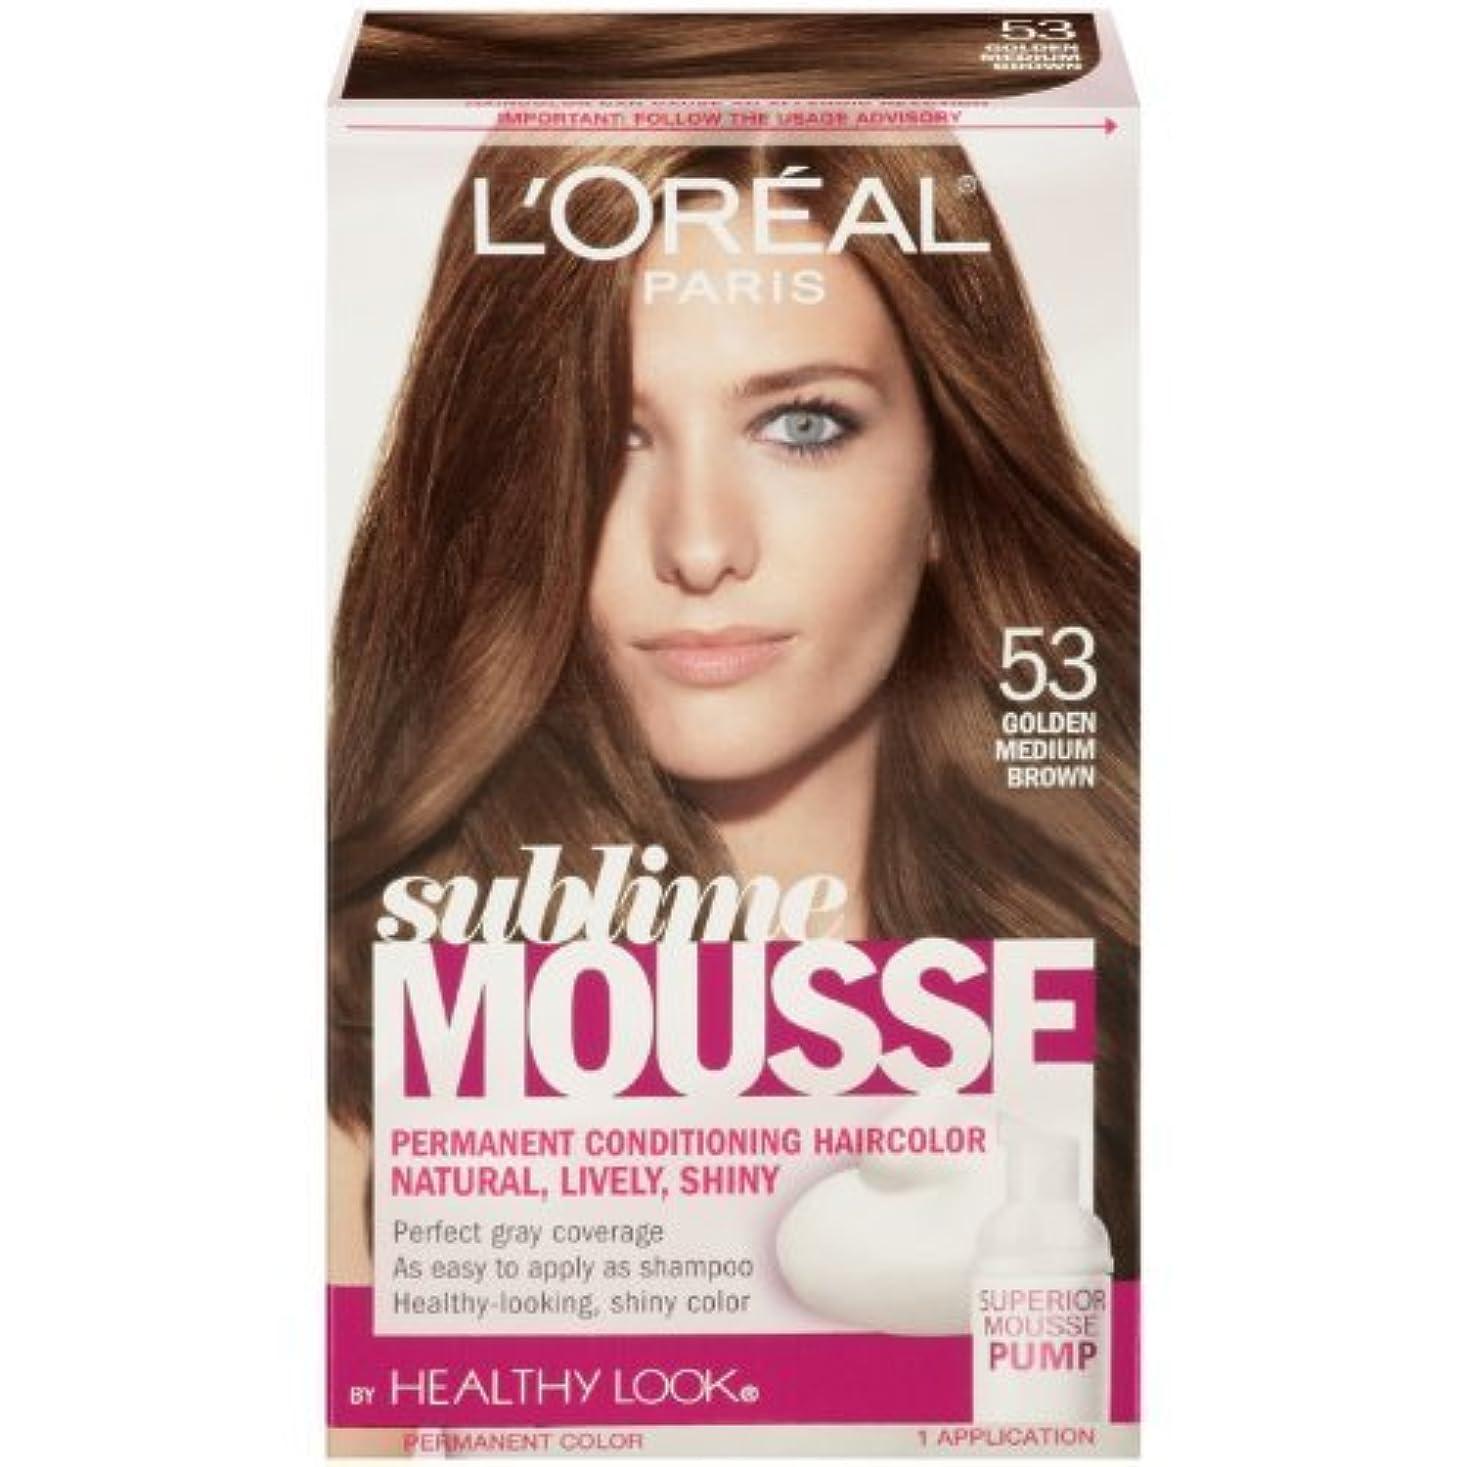 赤道ビリーアカウントL'Oreal Paris Sublime Mousse by Healthy Look Hair Color, 53 Golden Medium Brown by SUBLIME MOUSSE [並行輸入品]